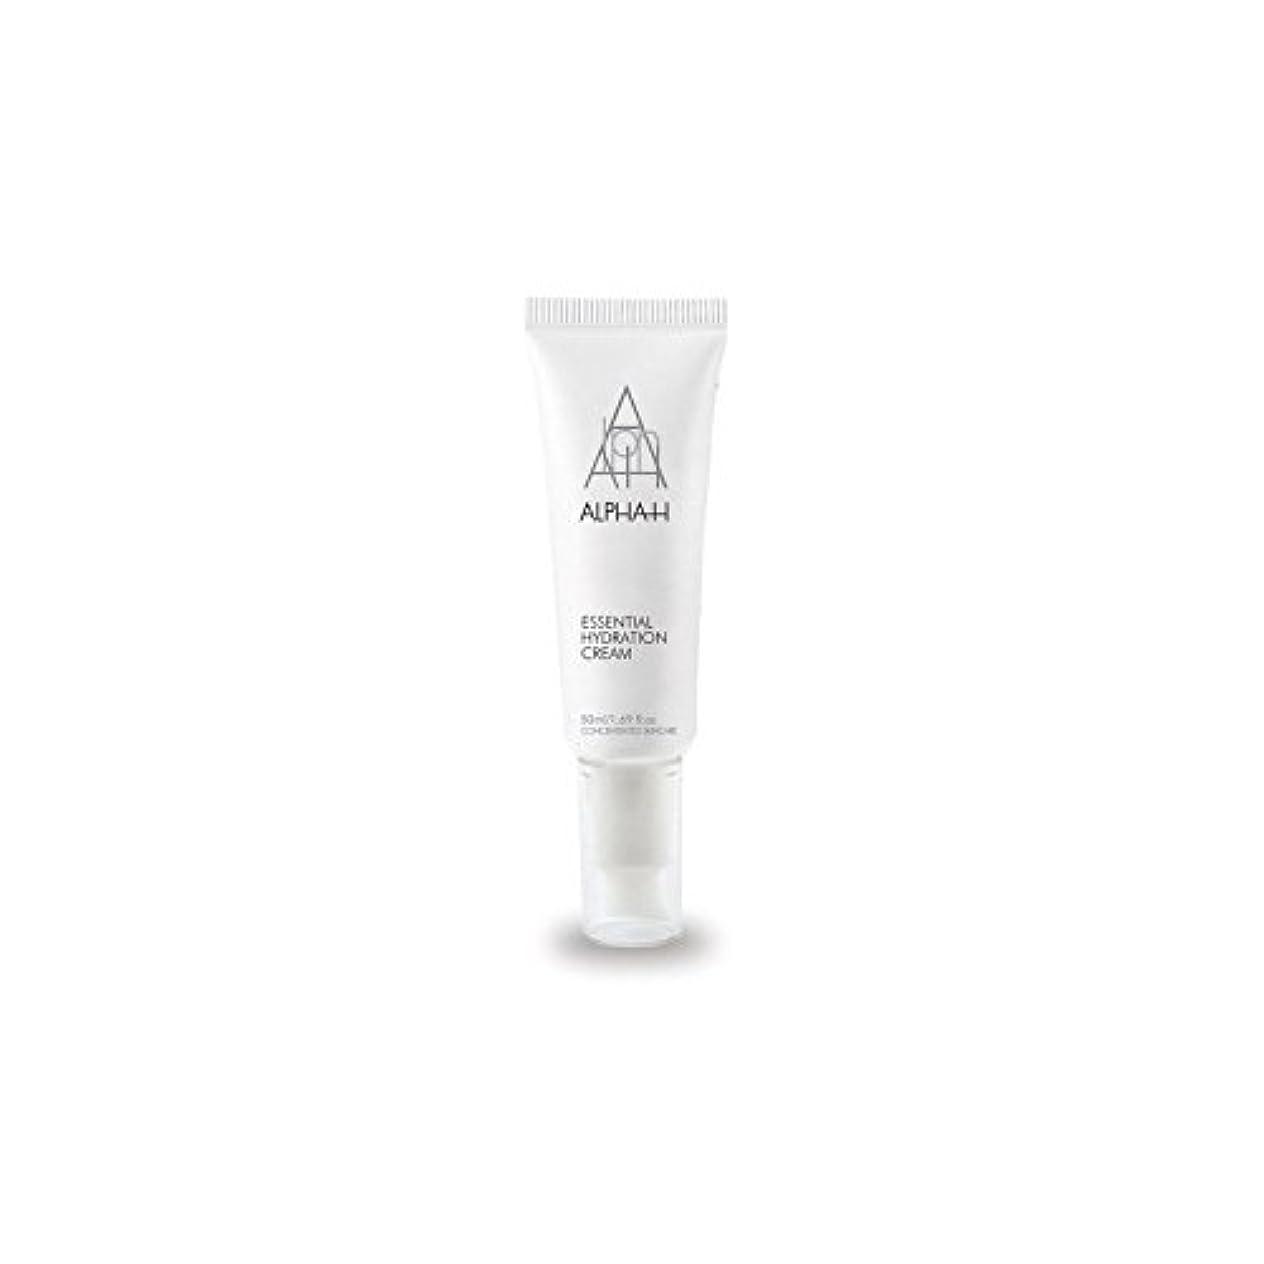 仲間ルビー電圧Alpha-H Essential Hydration Cream (50ml) - アルファ必須水和クリーム(50)中 [並行輸入品]